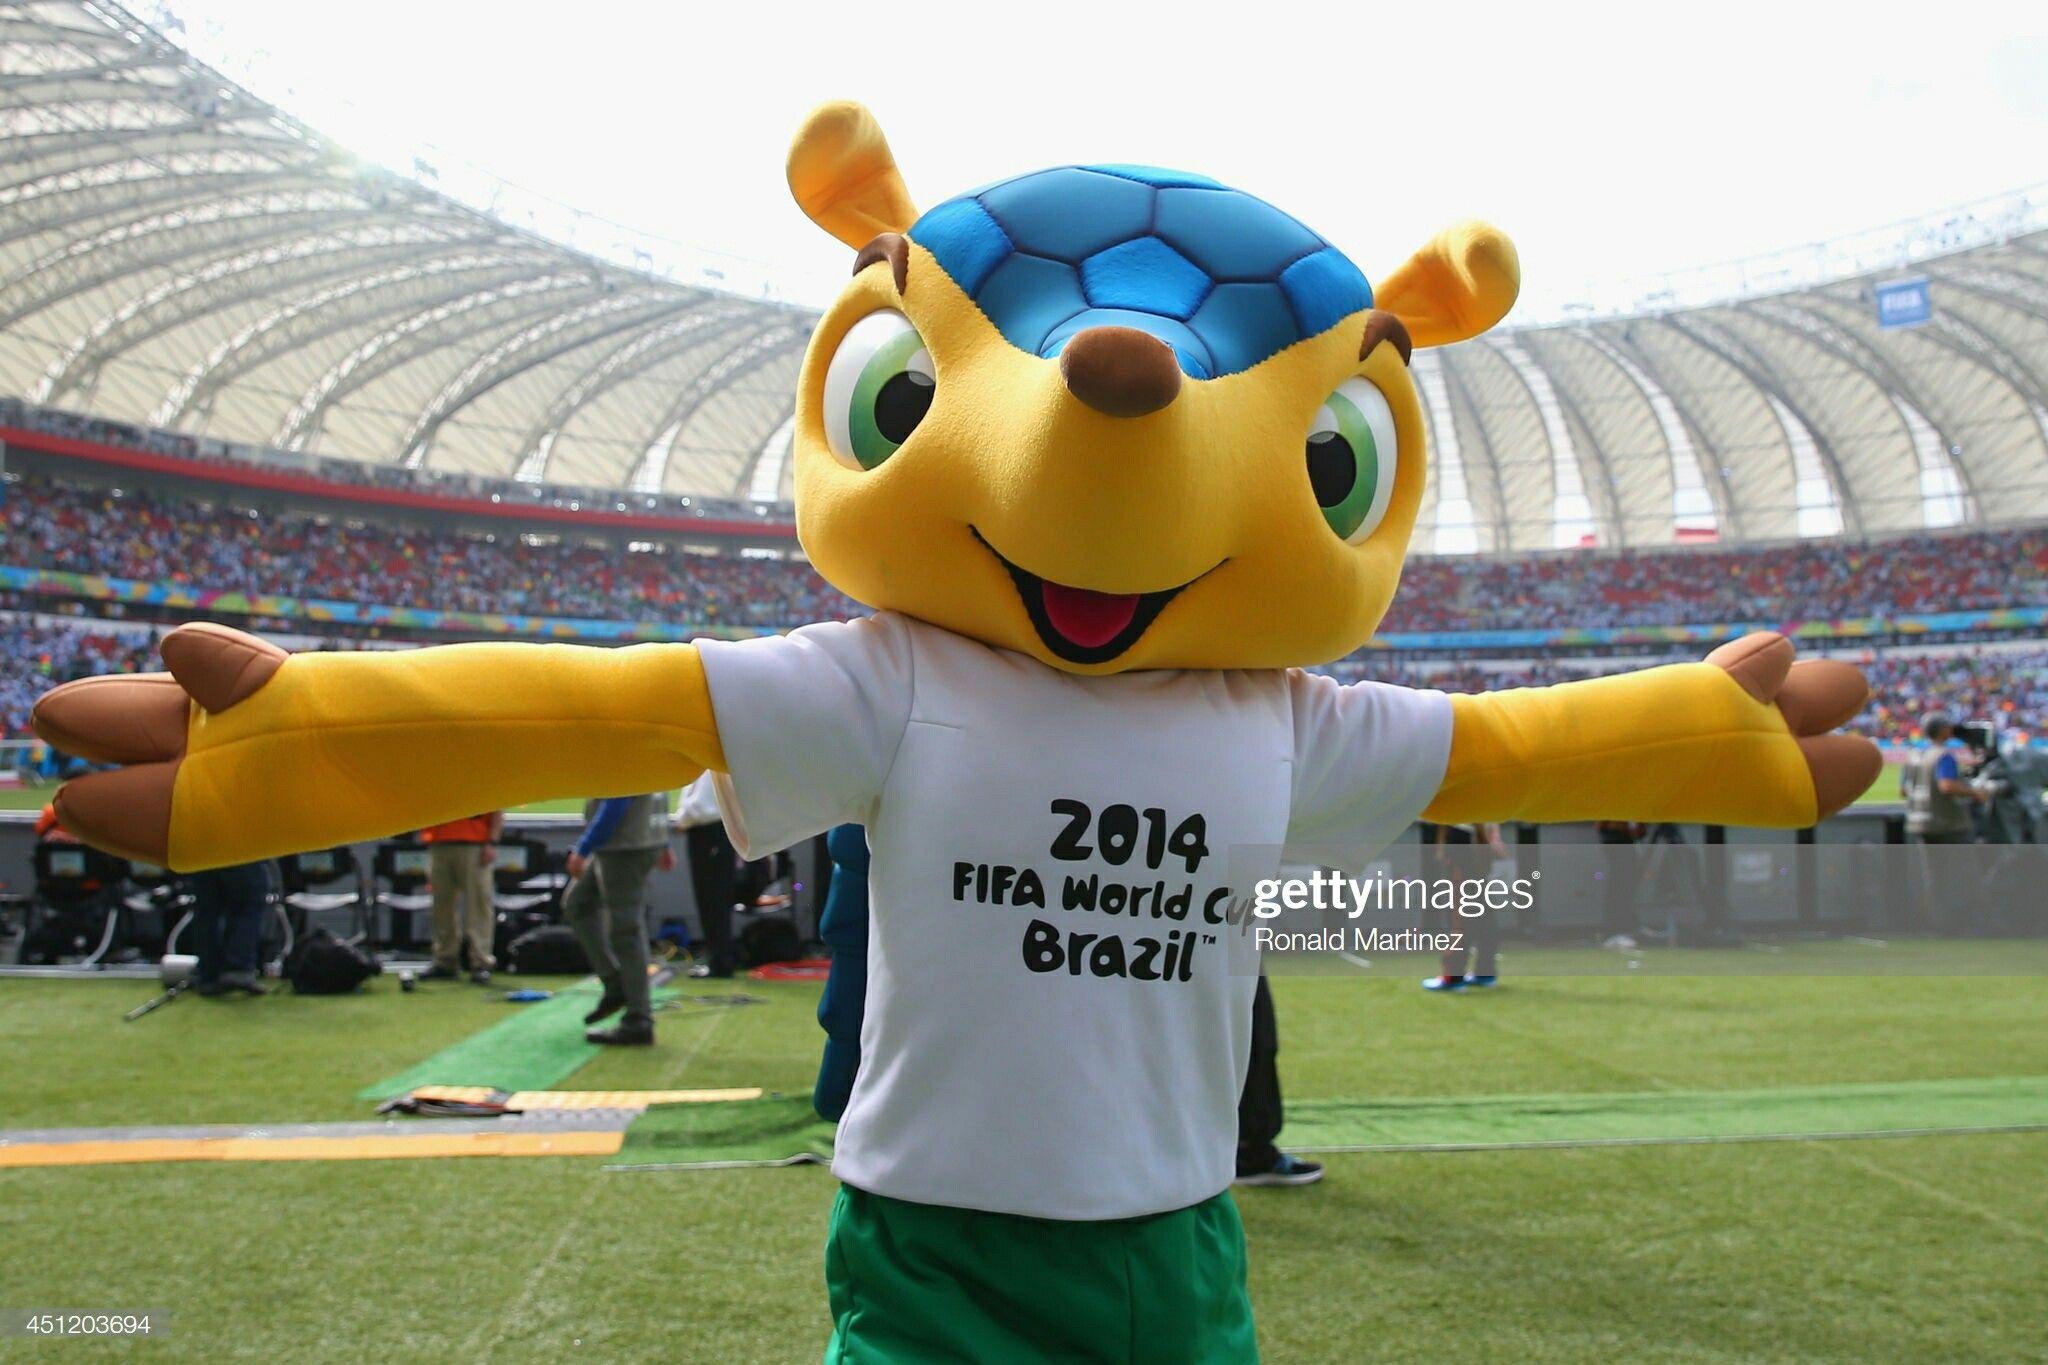 Fuleco In Estadio Beira Rio Fifa World Cup 2014 Mascot